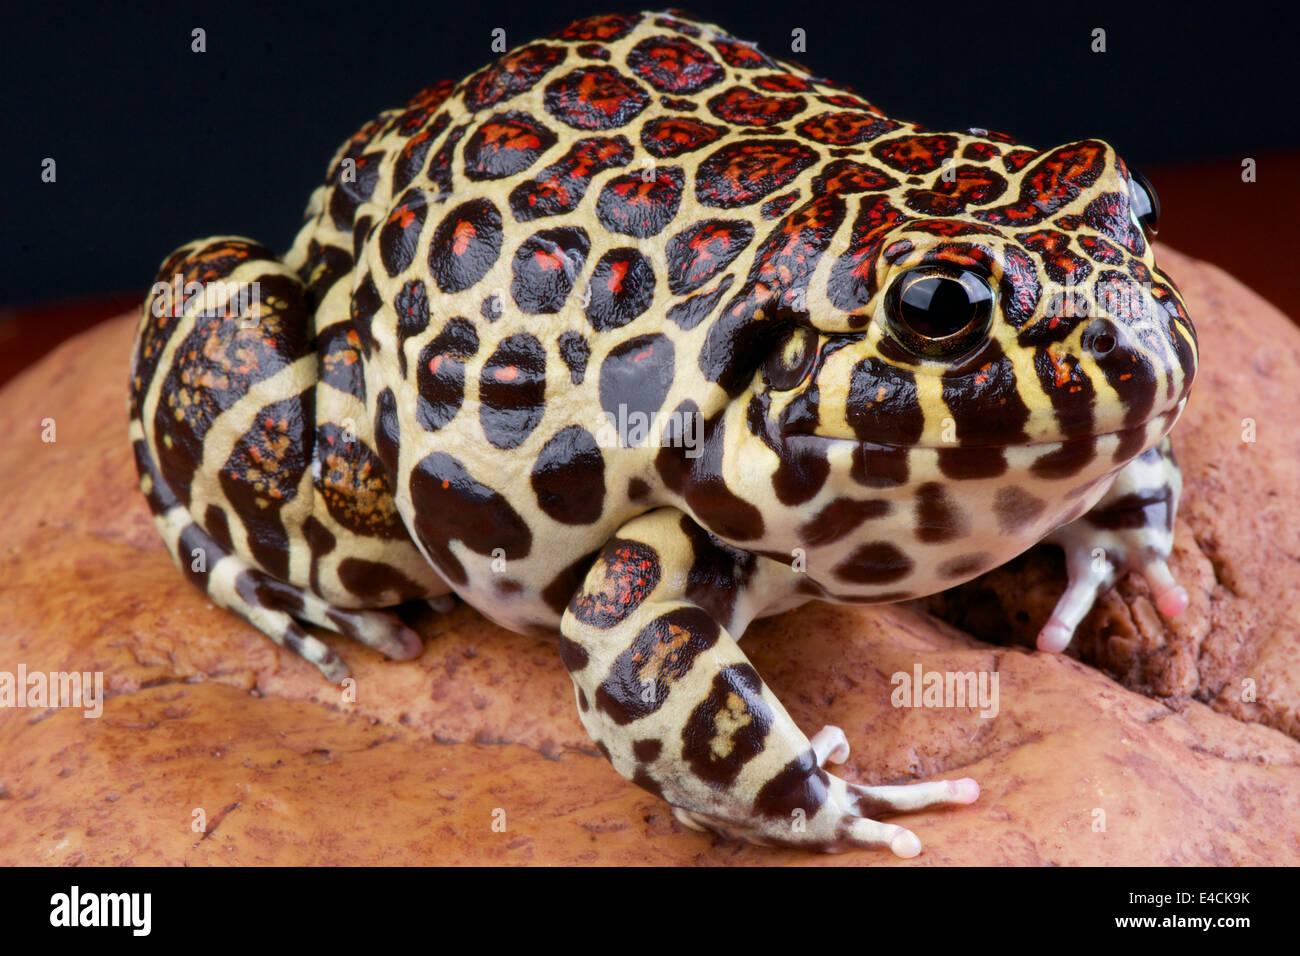 Coralline frog / Leptodactylus laticeps - Stock Image